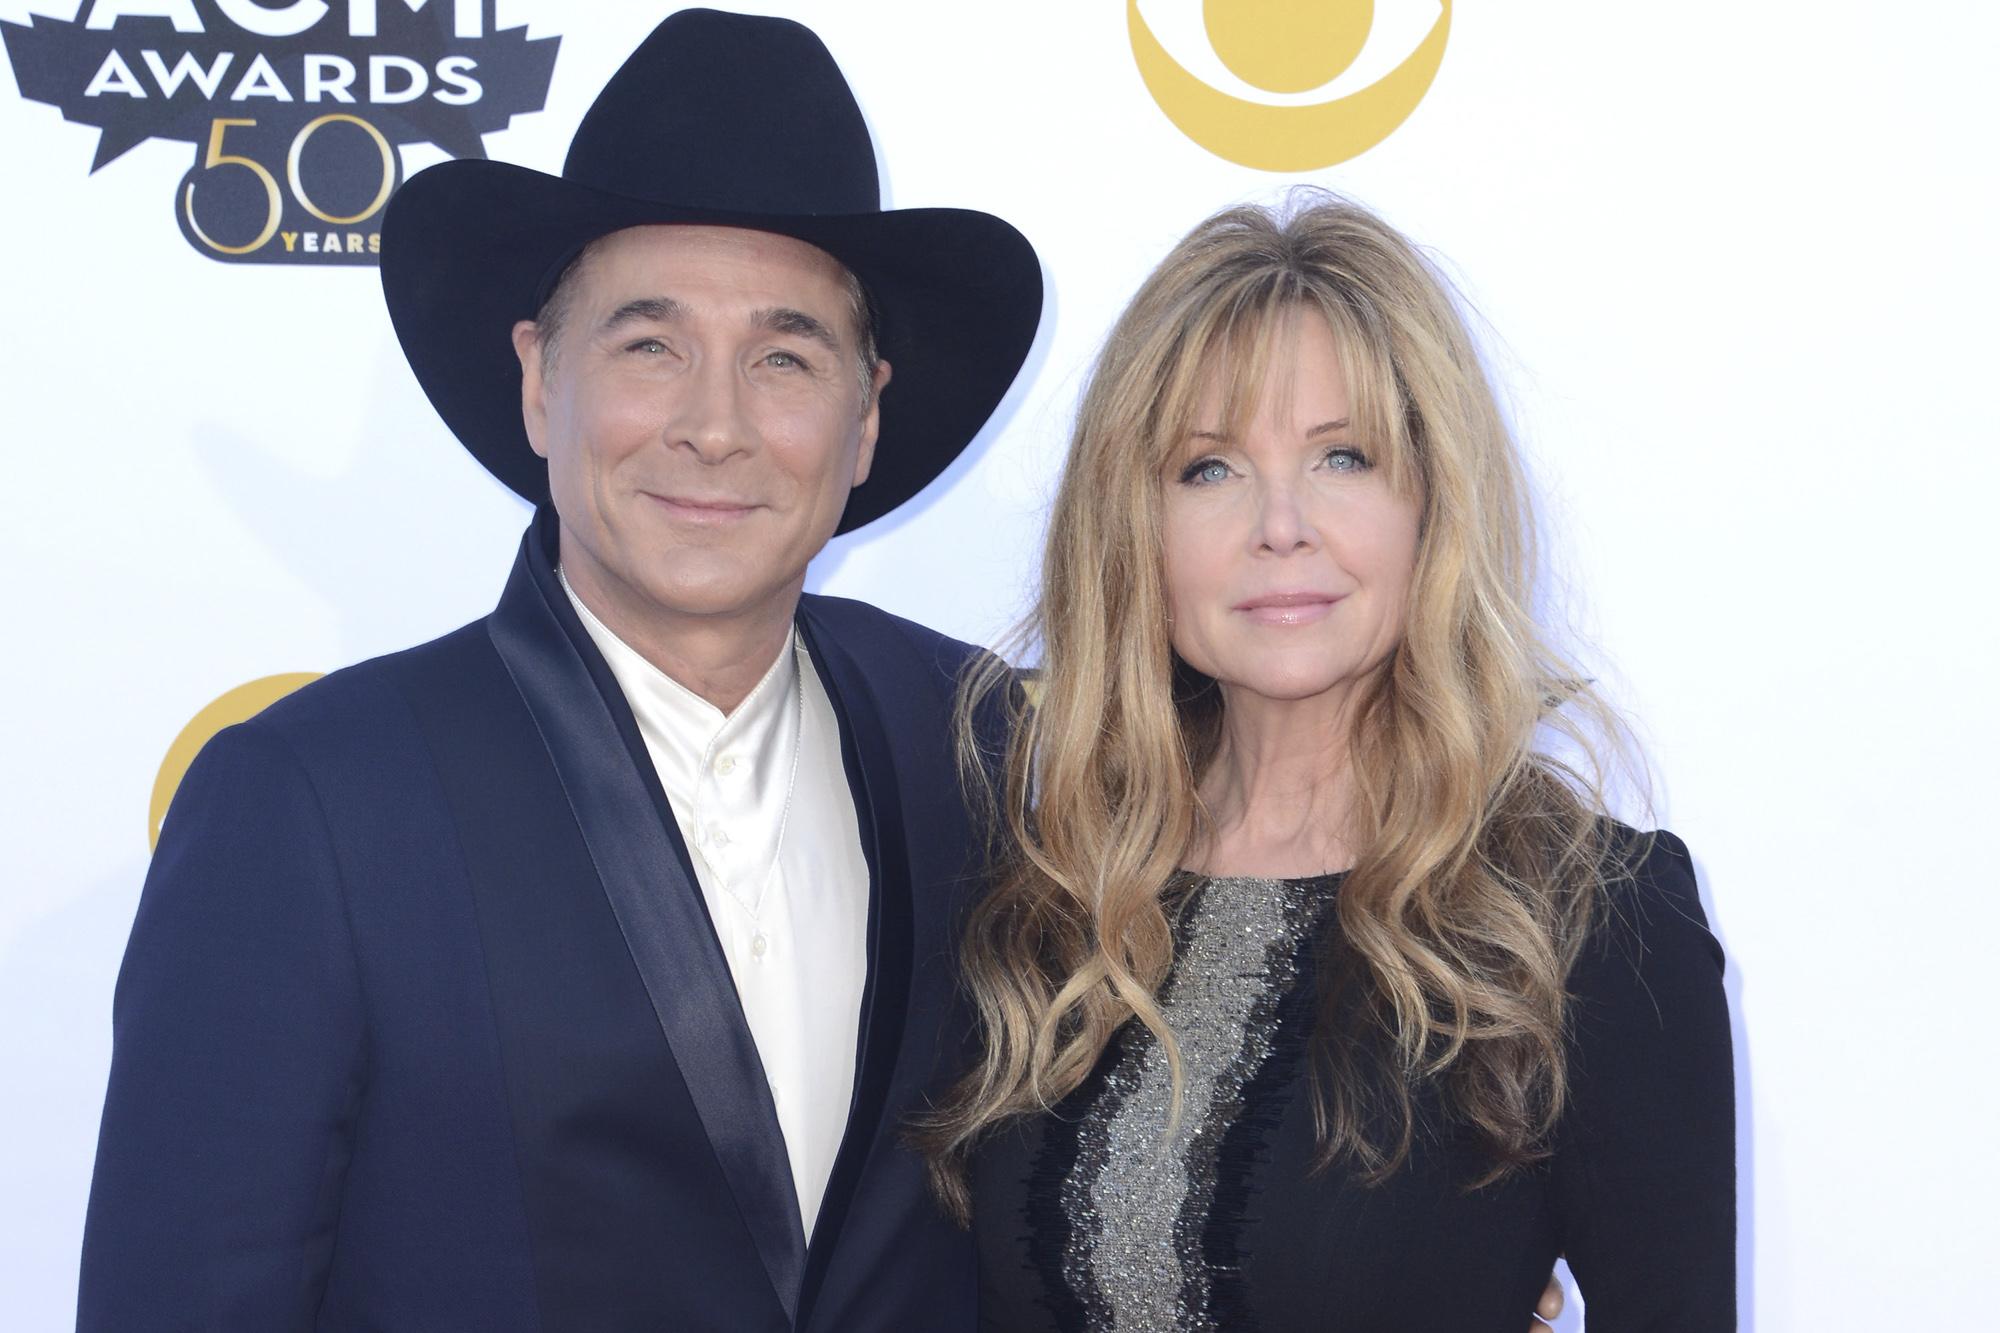 Clint Black (L) and Lisa Hartman Black